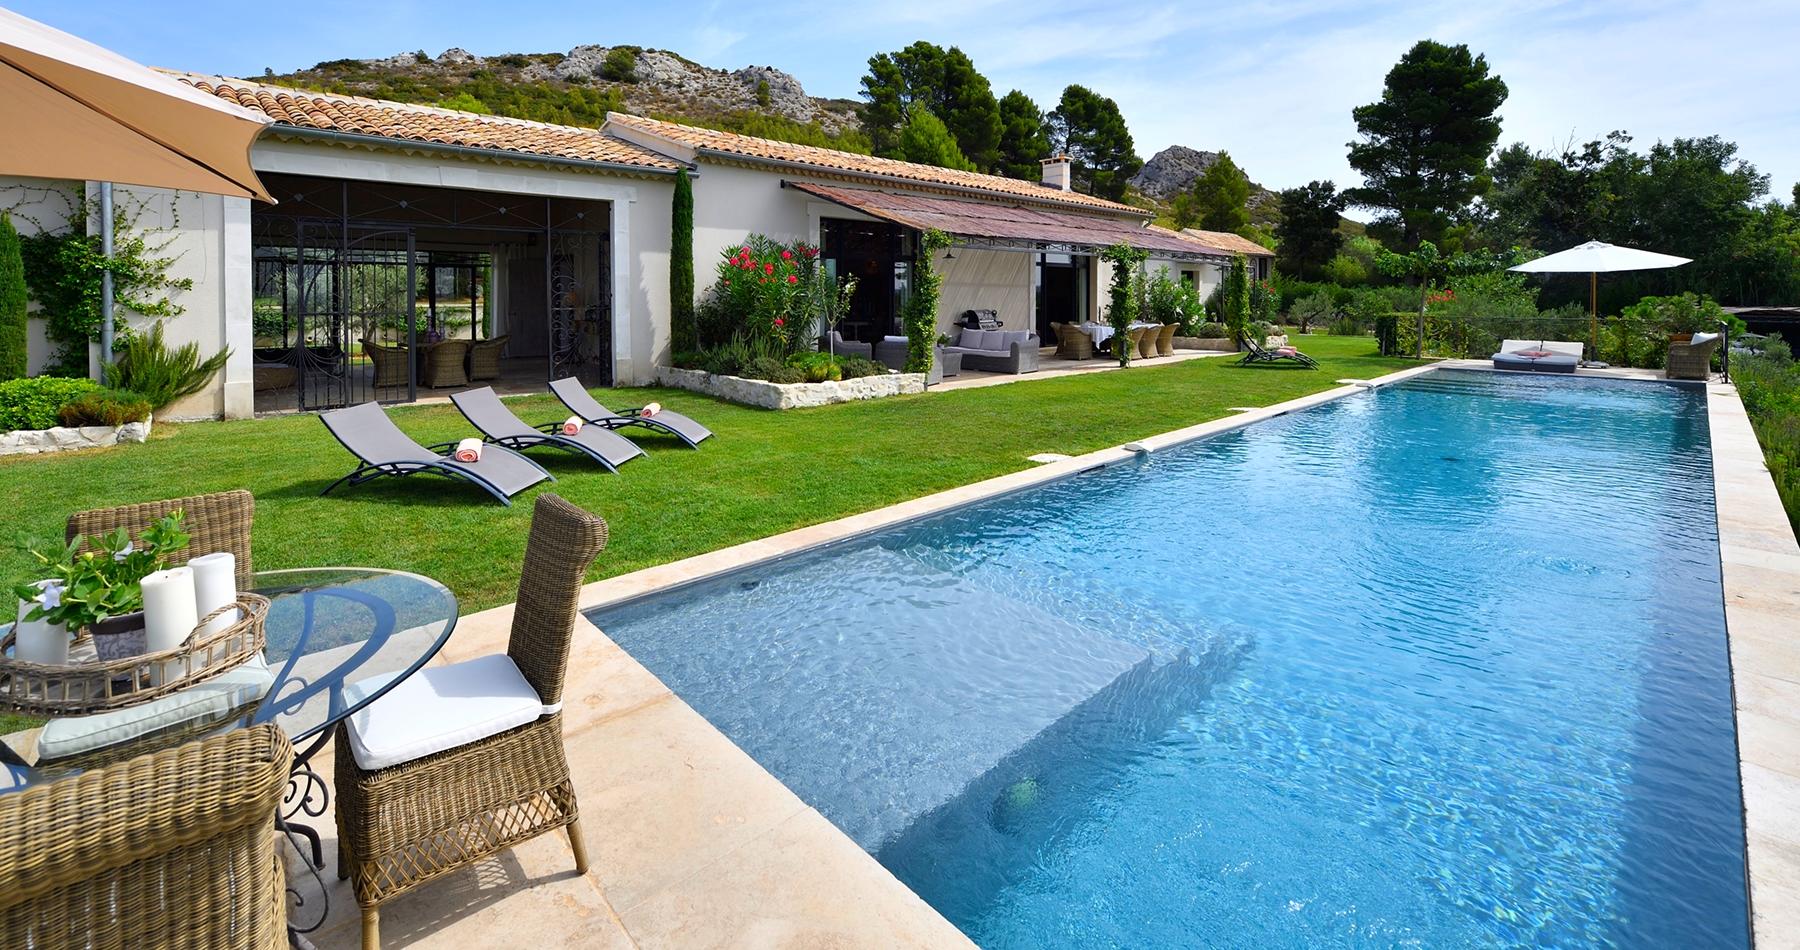 Saint remy de provence location villa luxe provence for Camping saint remy de provence avec piscine